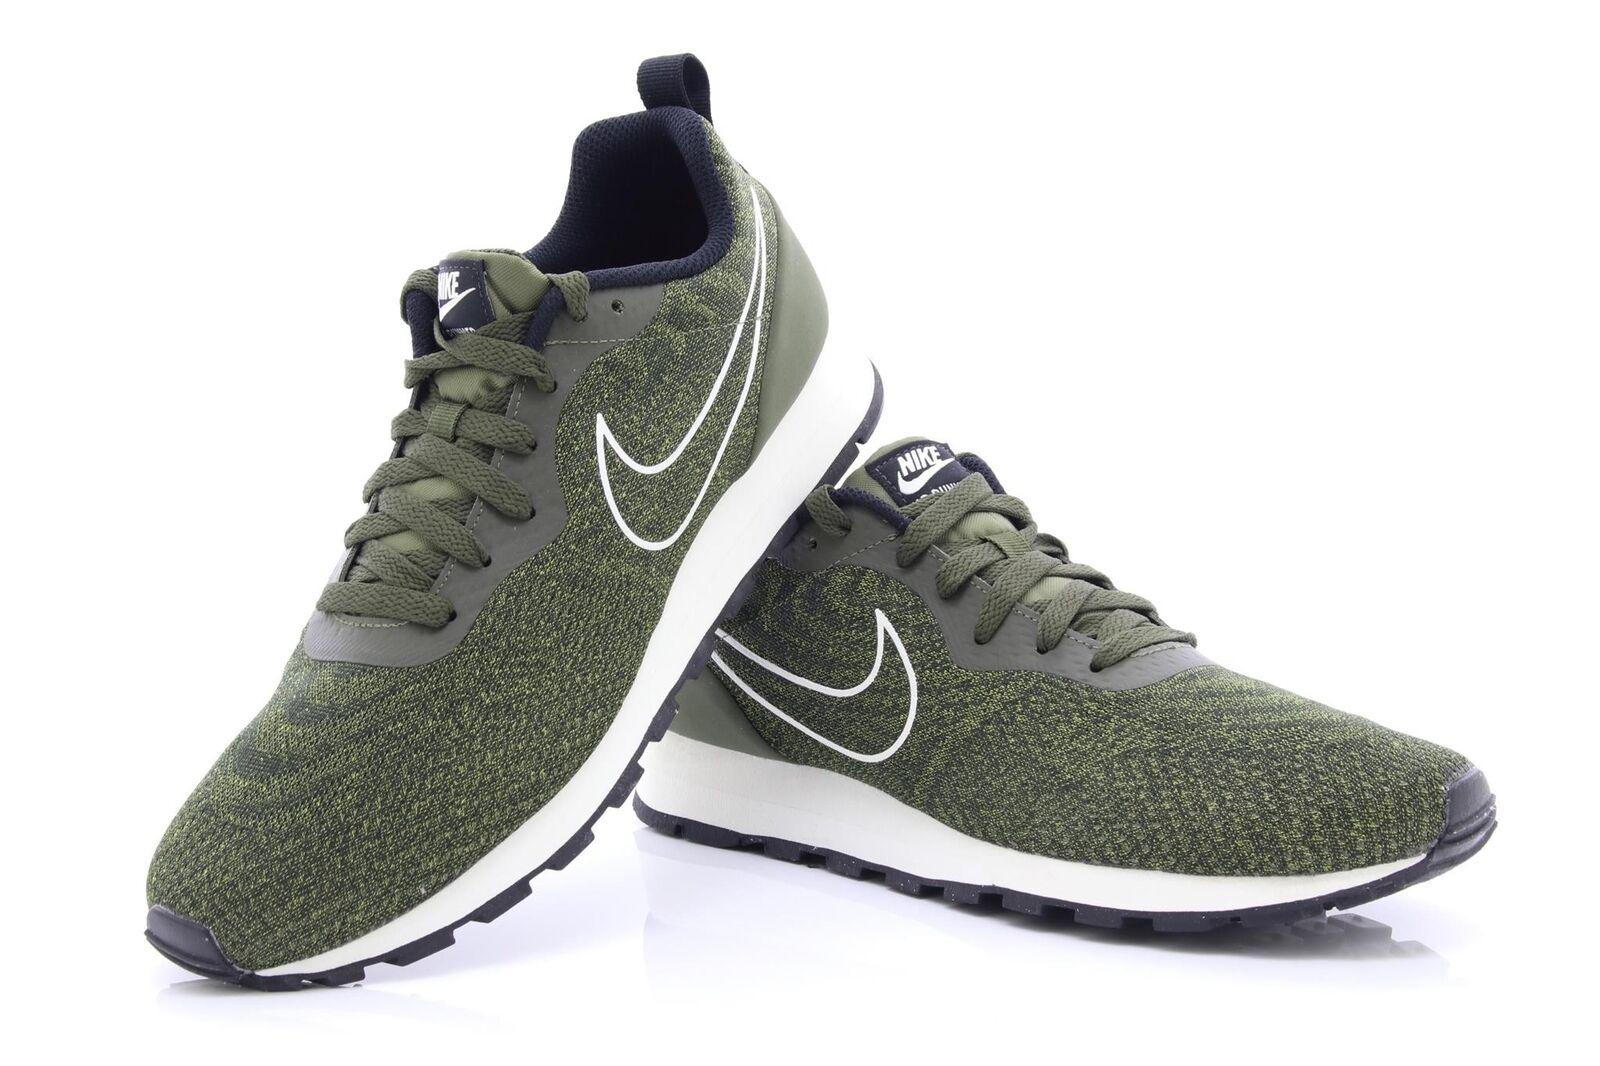 Hommes Nike Md 916774 courirner 2 Eng Maille Cargo Kaki 916774 Md 300 Baskets 7ca171